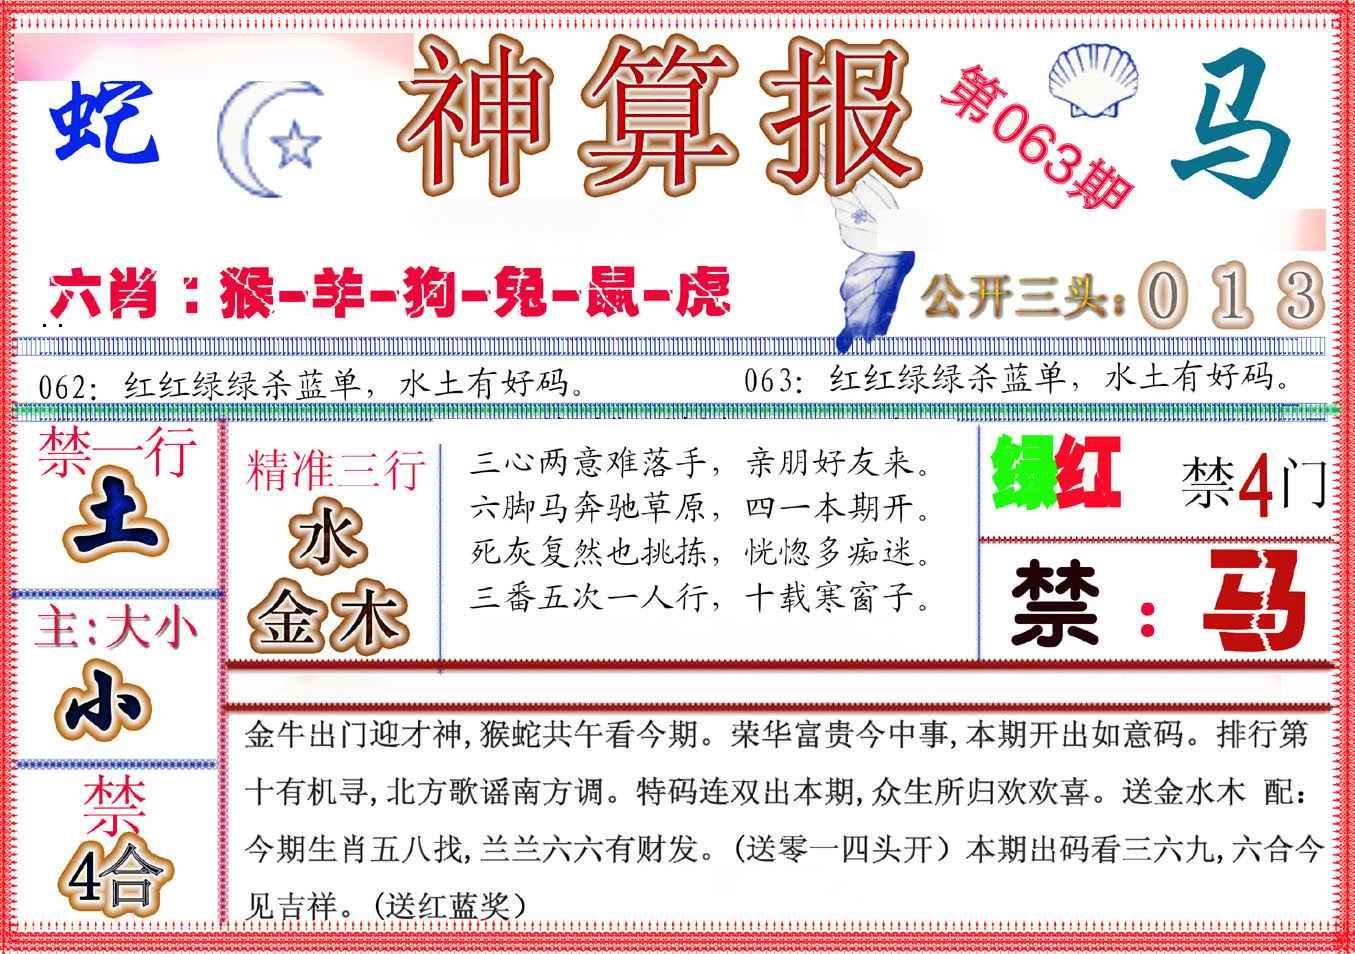 063期神算报(新版)